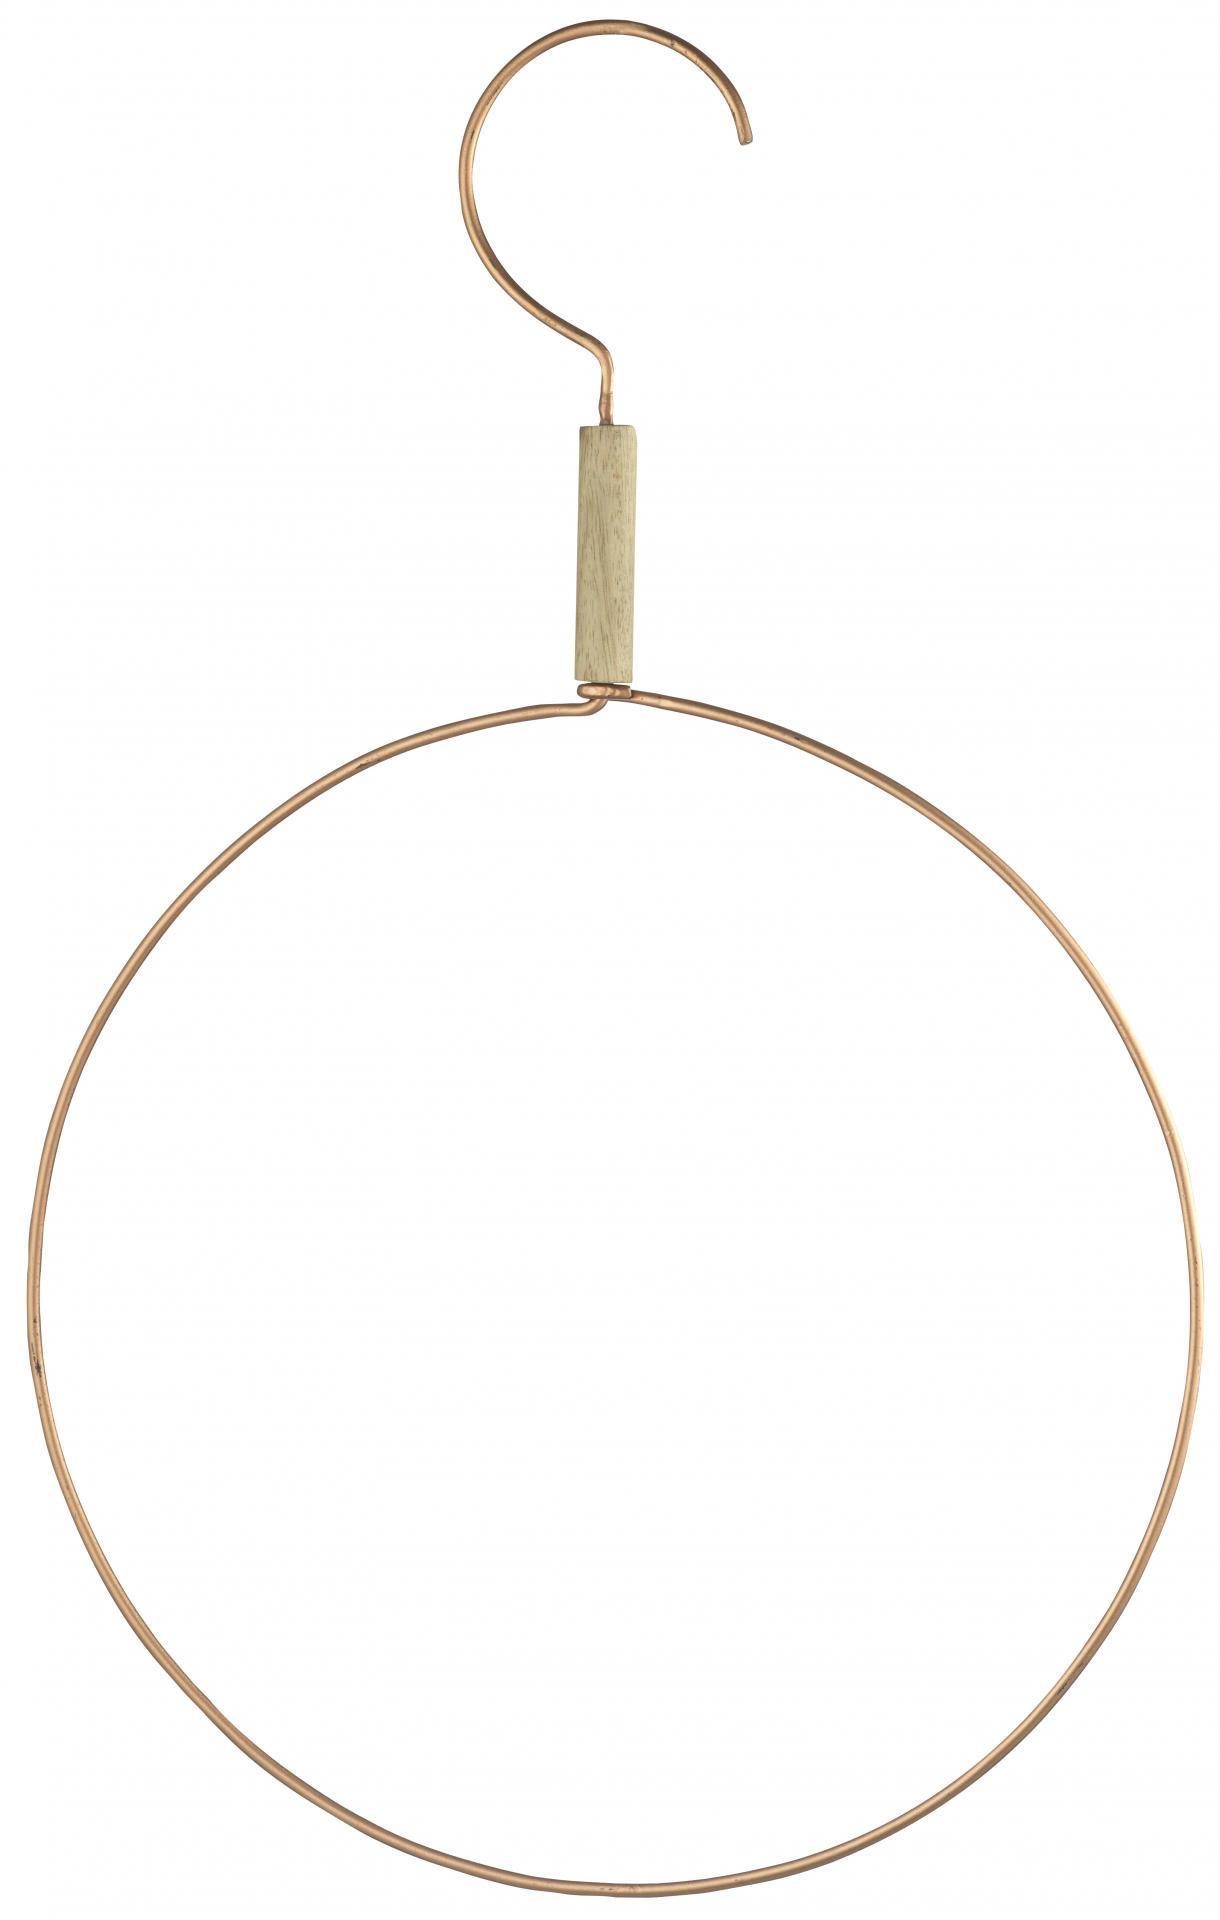 MADAM STOLTZ Kruhový věšák Copper, měděná barva, kov